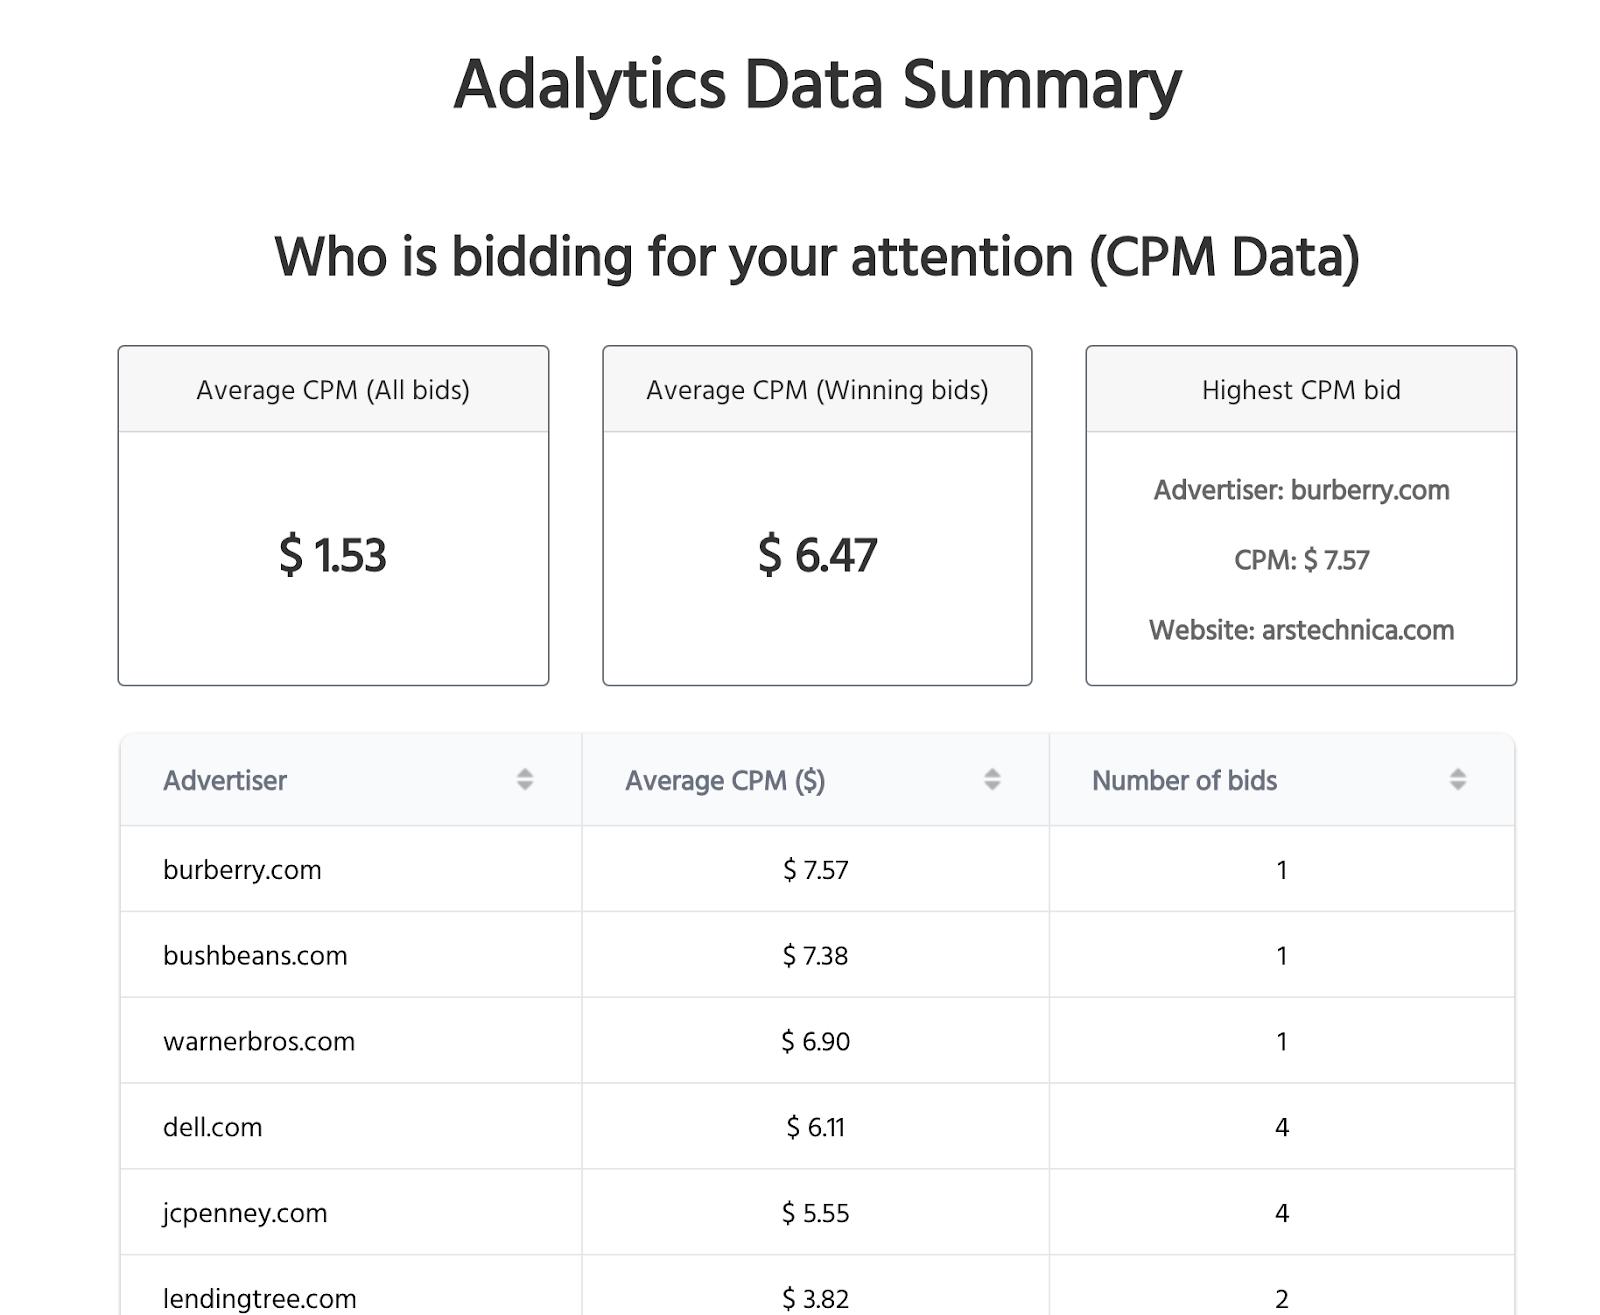 Adalytics browser extension dashboard showing CPM bid data